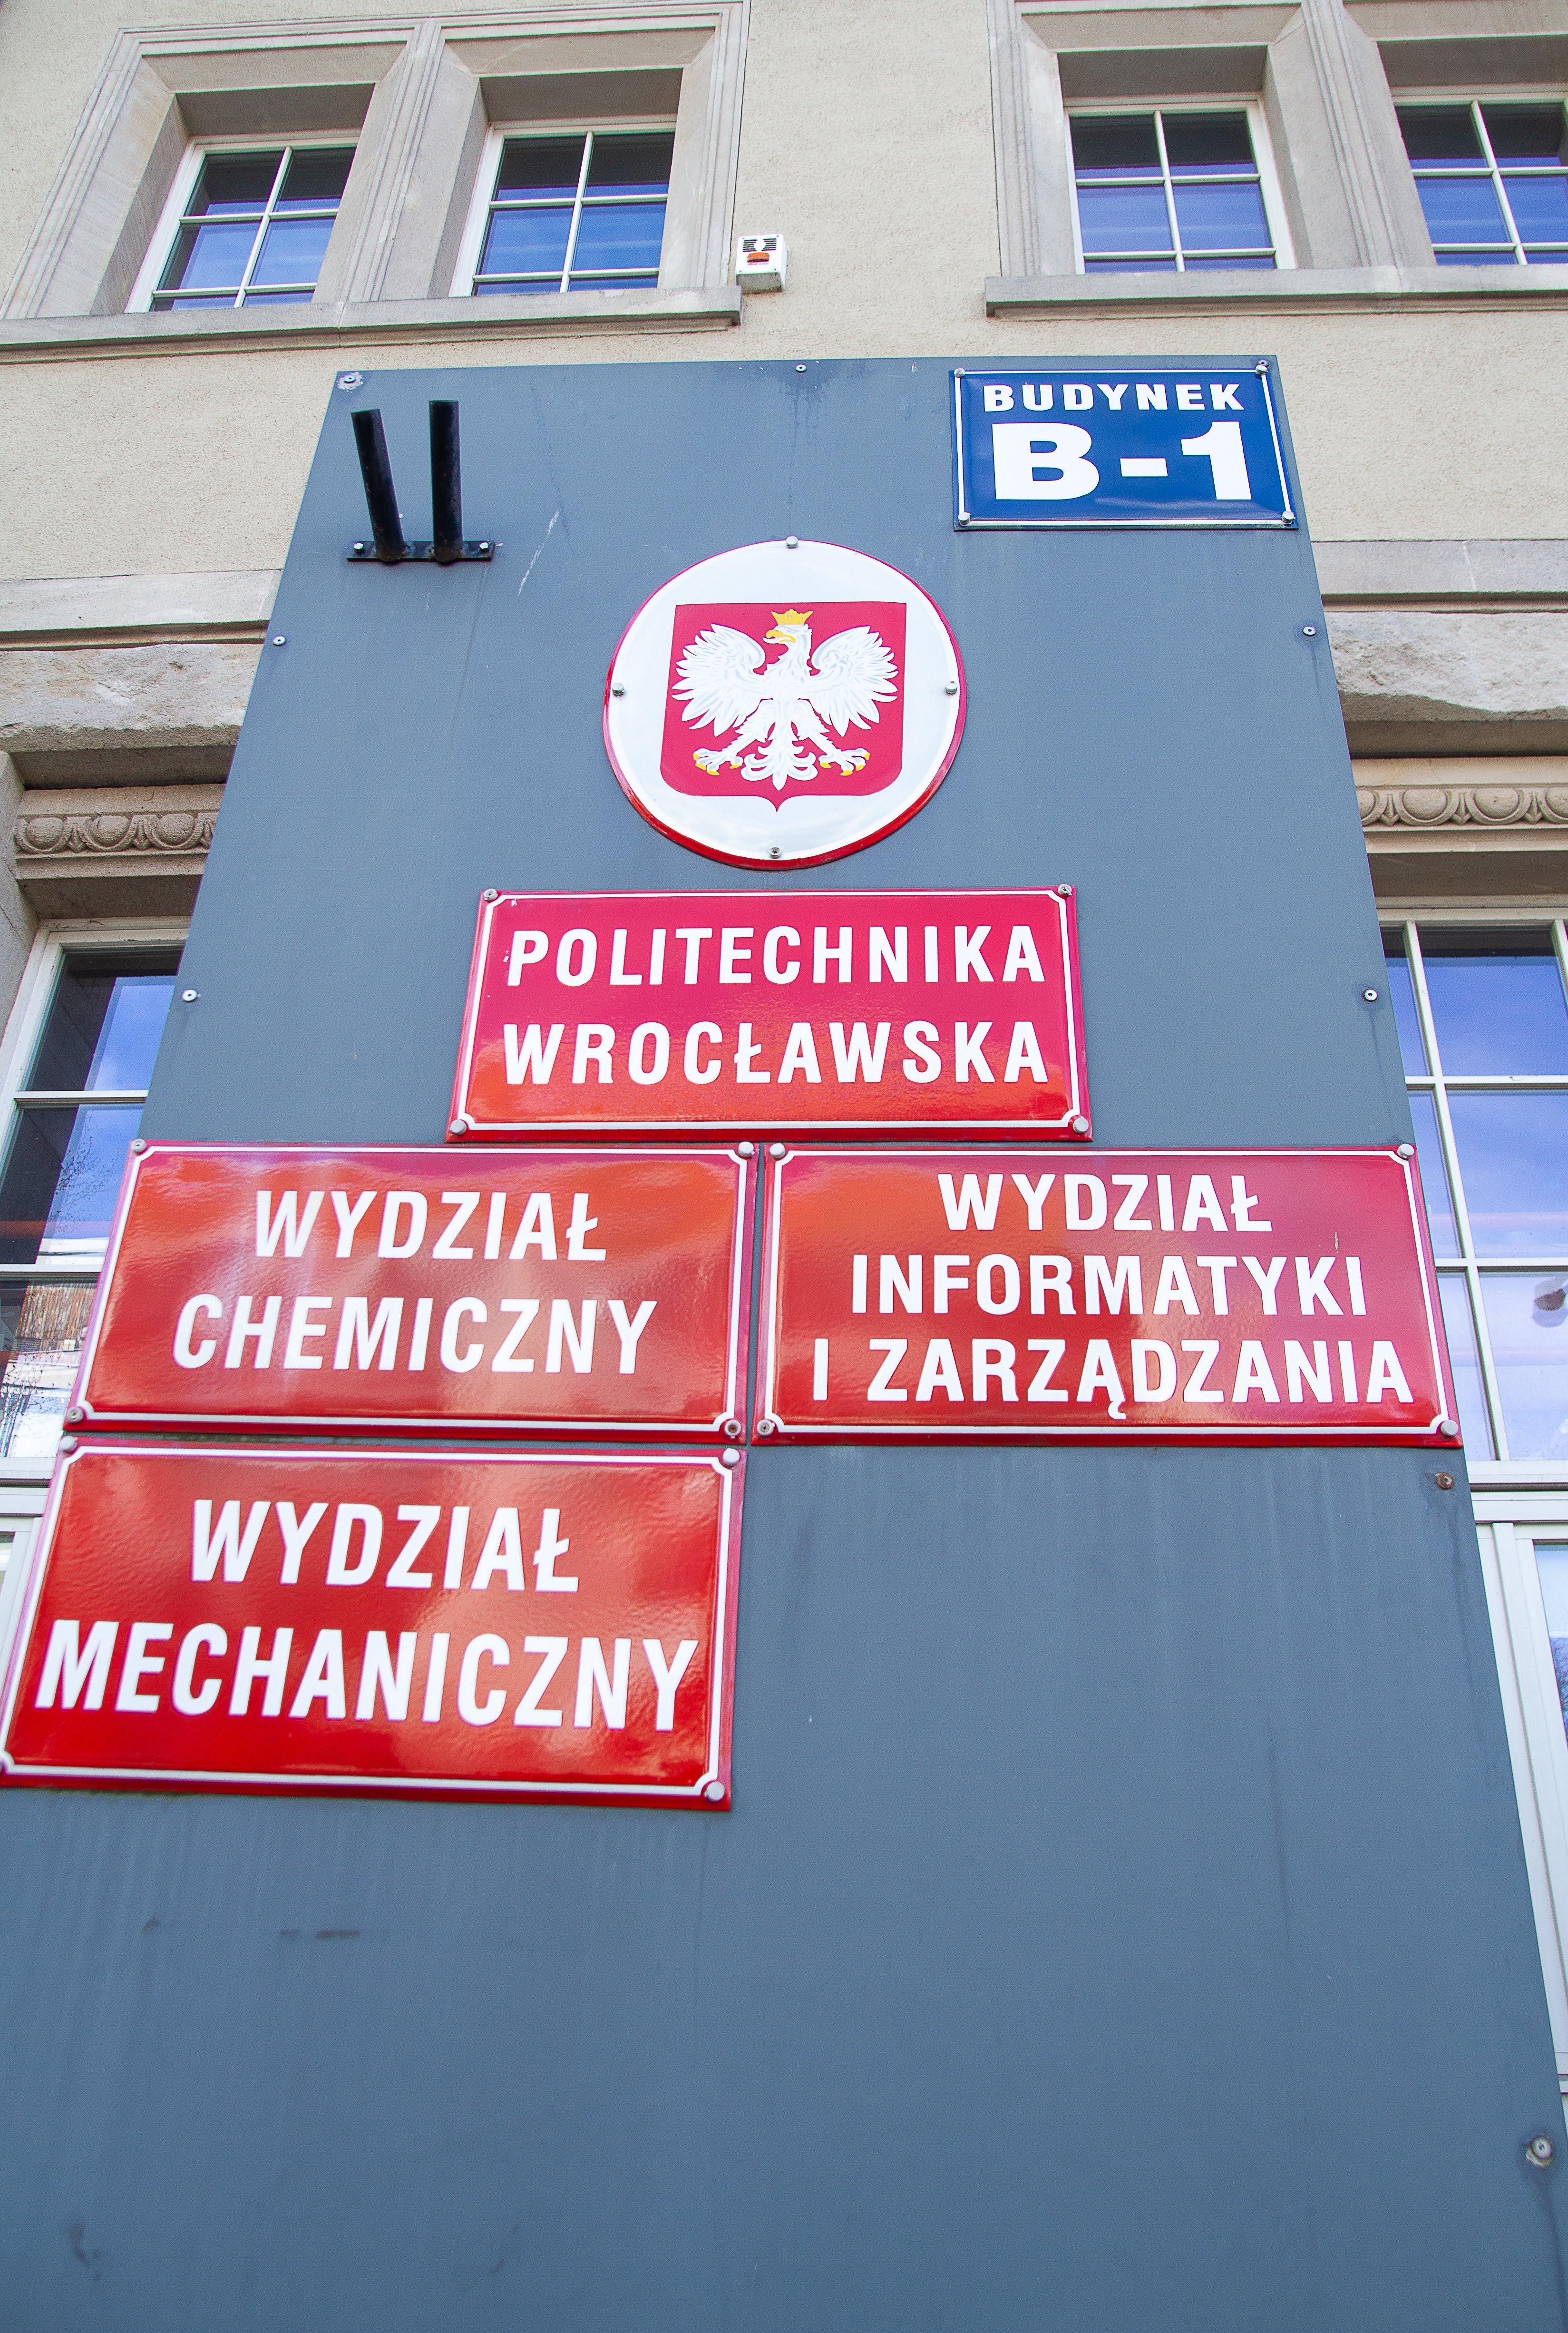 PWR-na-strone-7